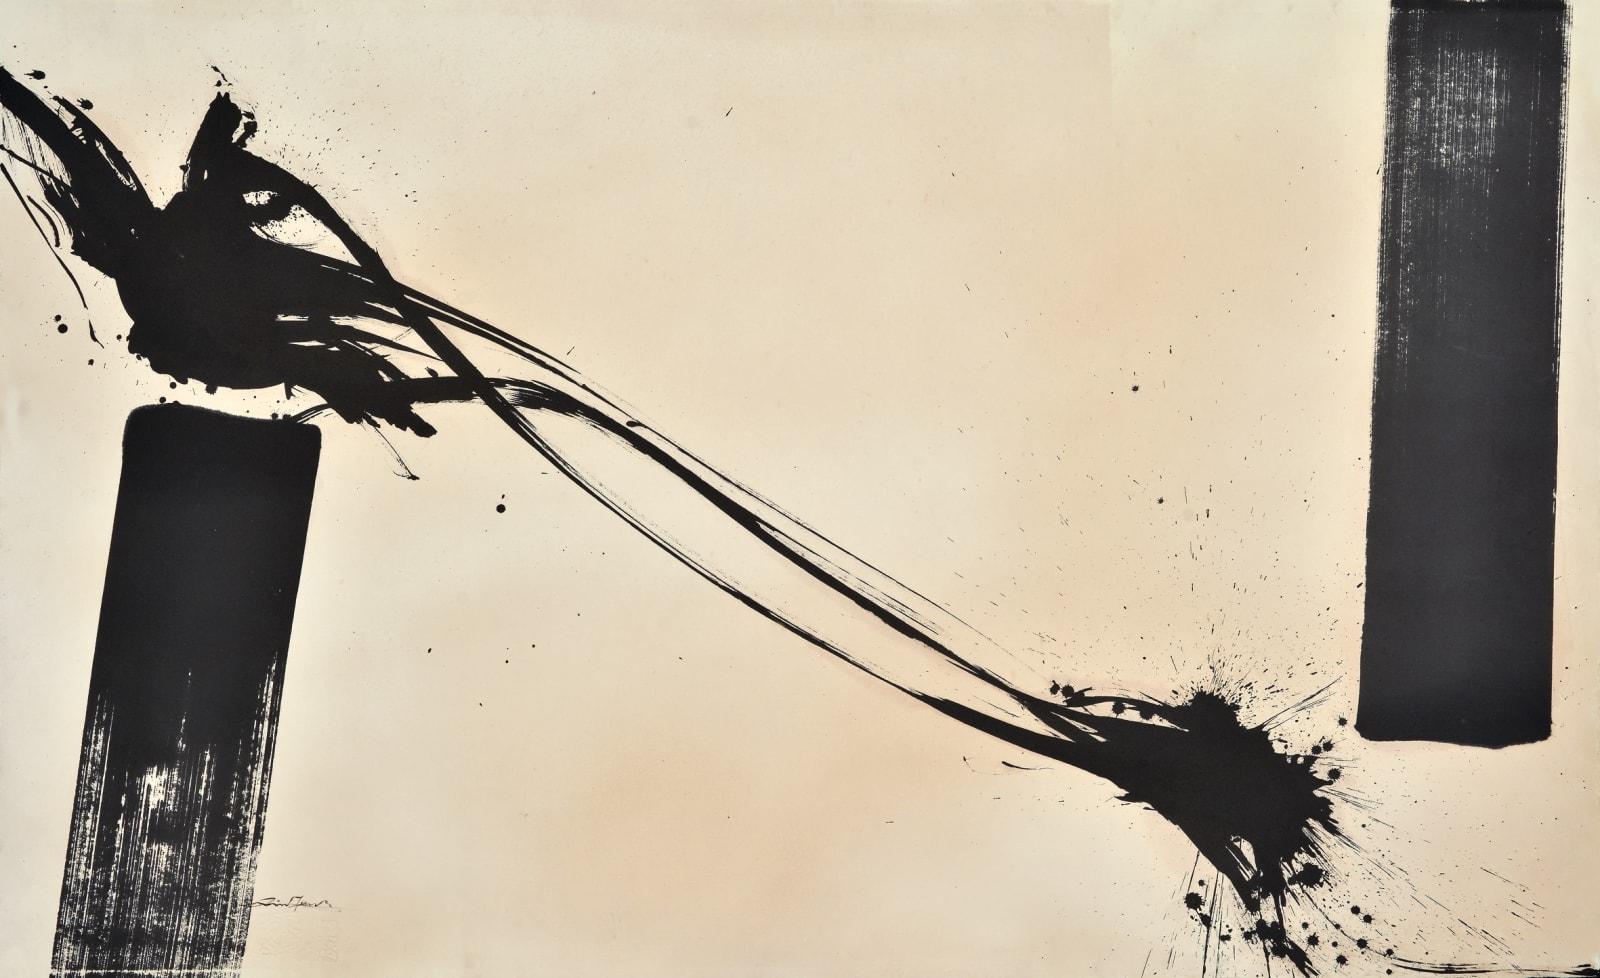 Qin Feng 秦風, Civilization Landscape No.19 文明景觀系列之十九, 2012